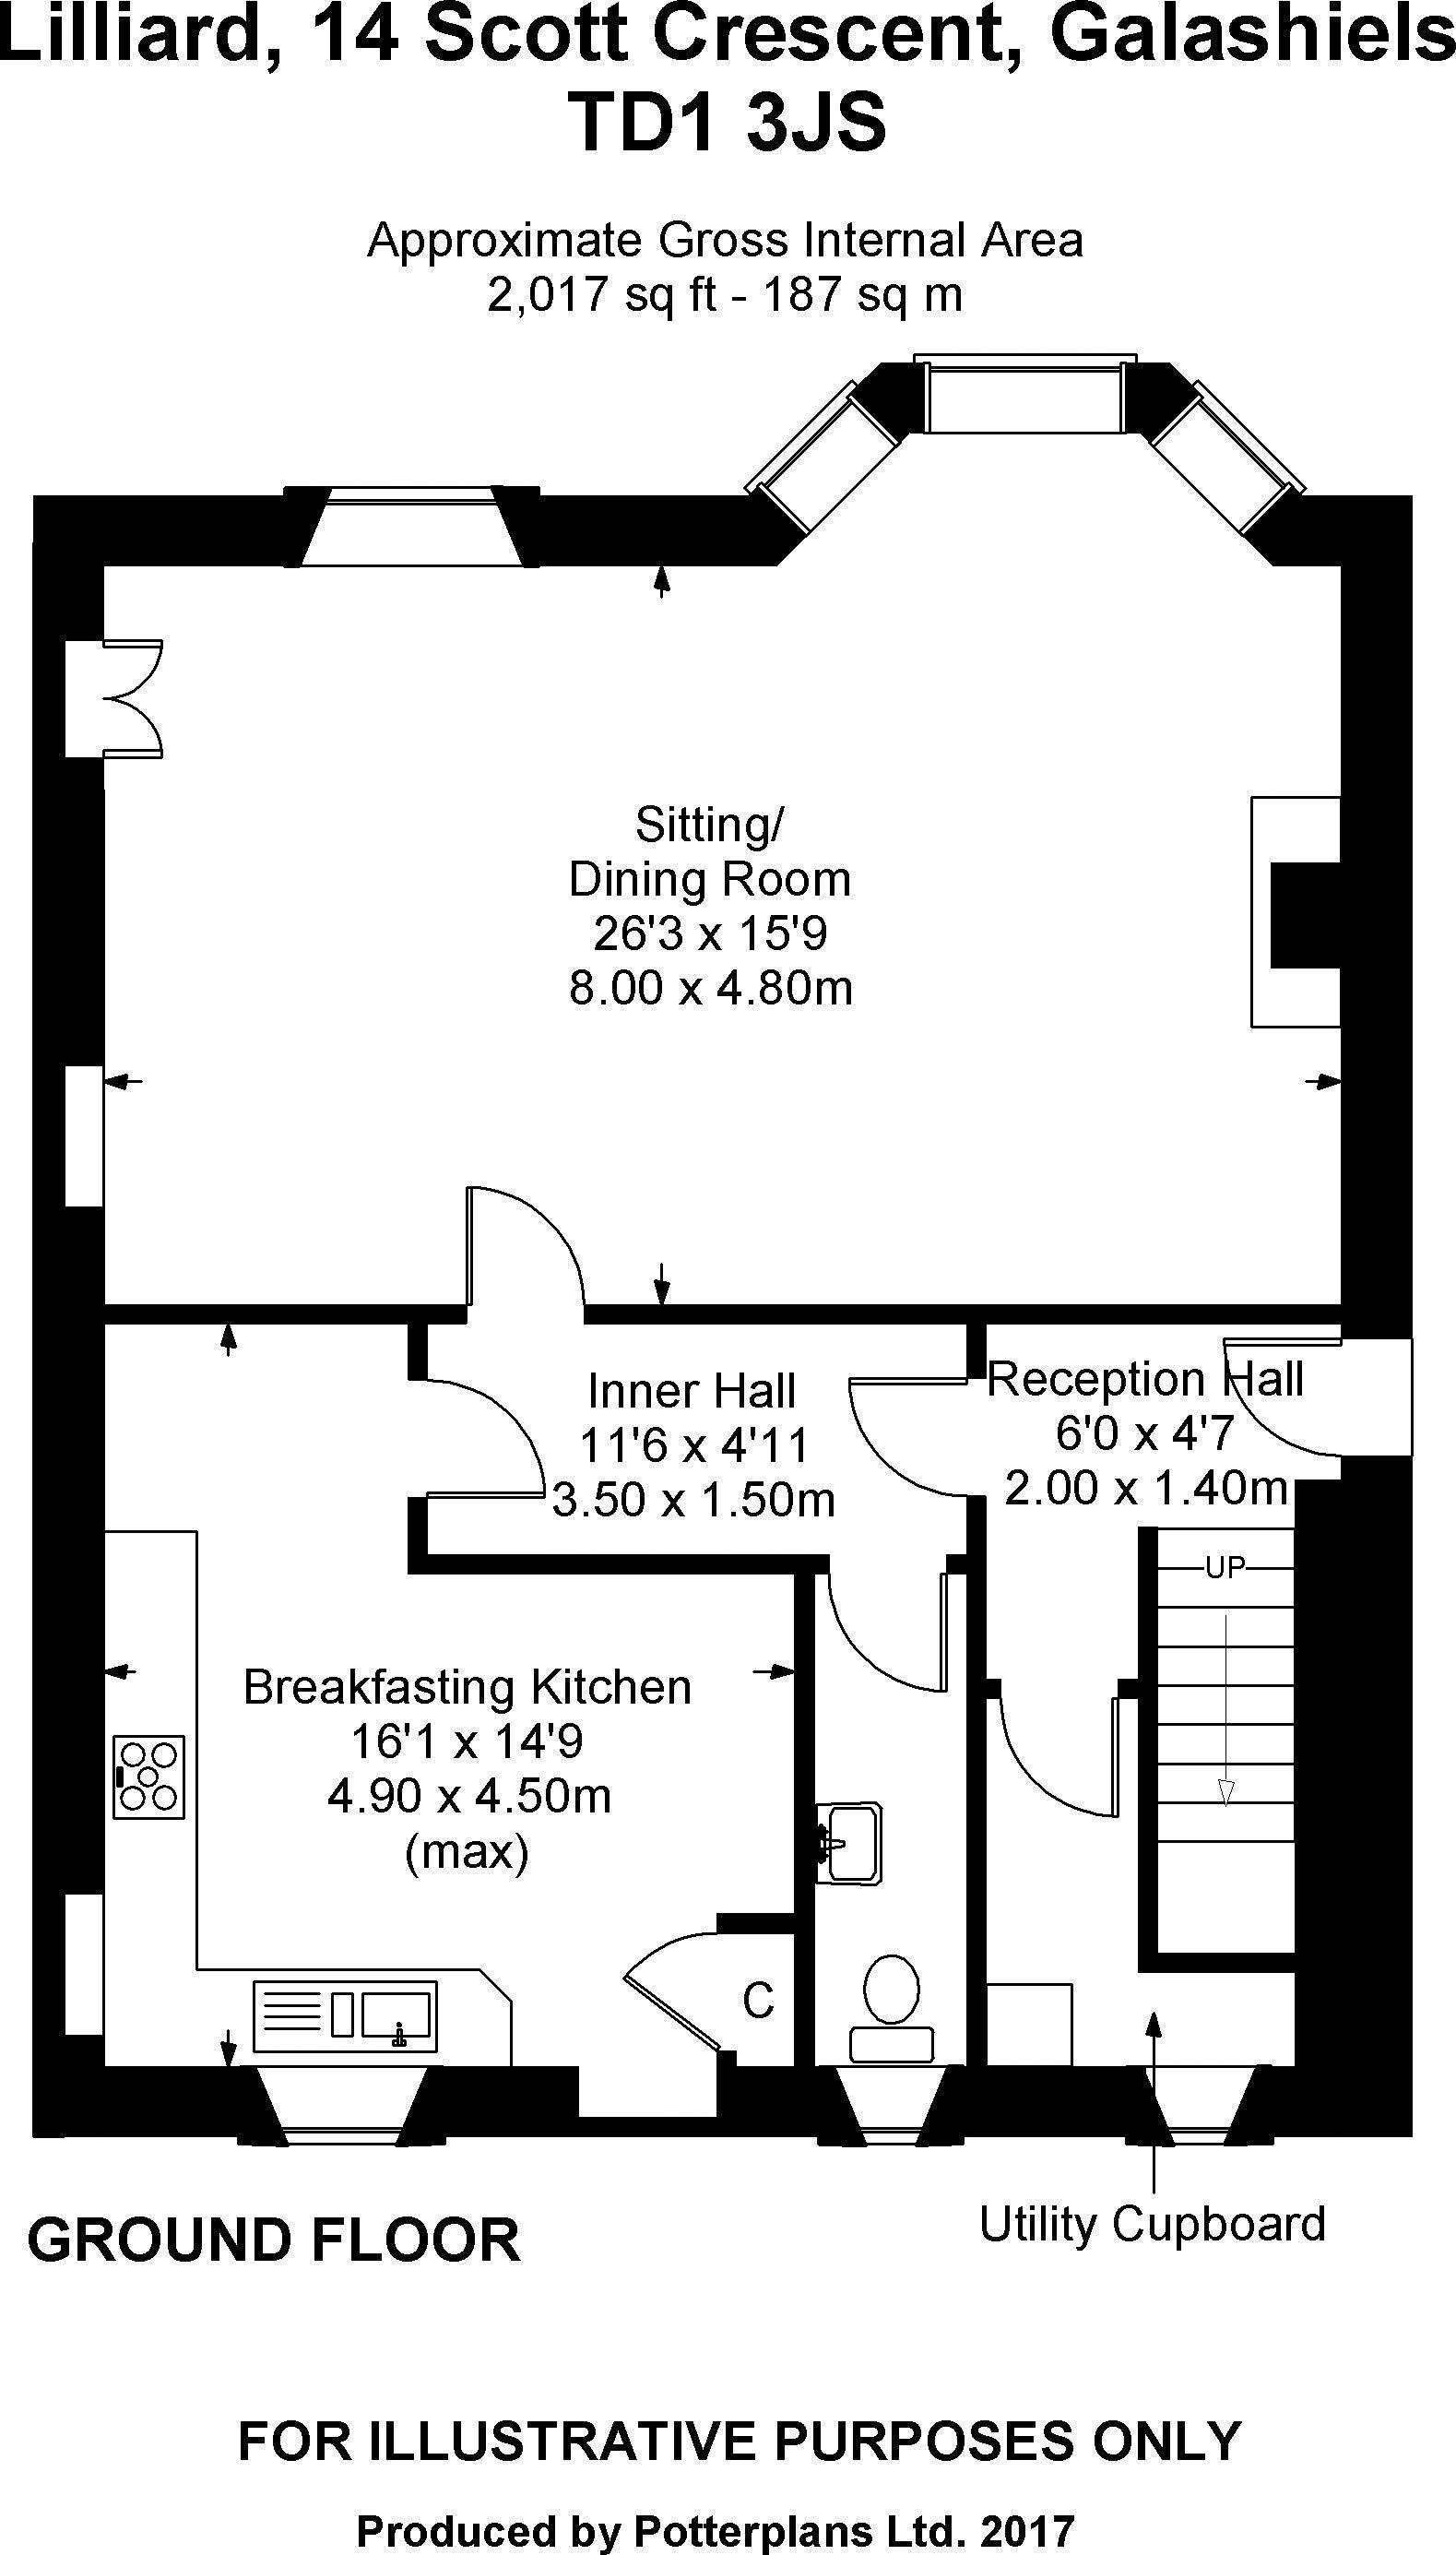 Lilliard Ground Floor